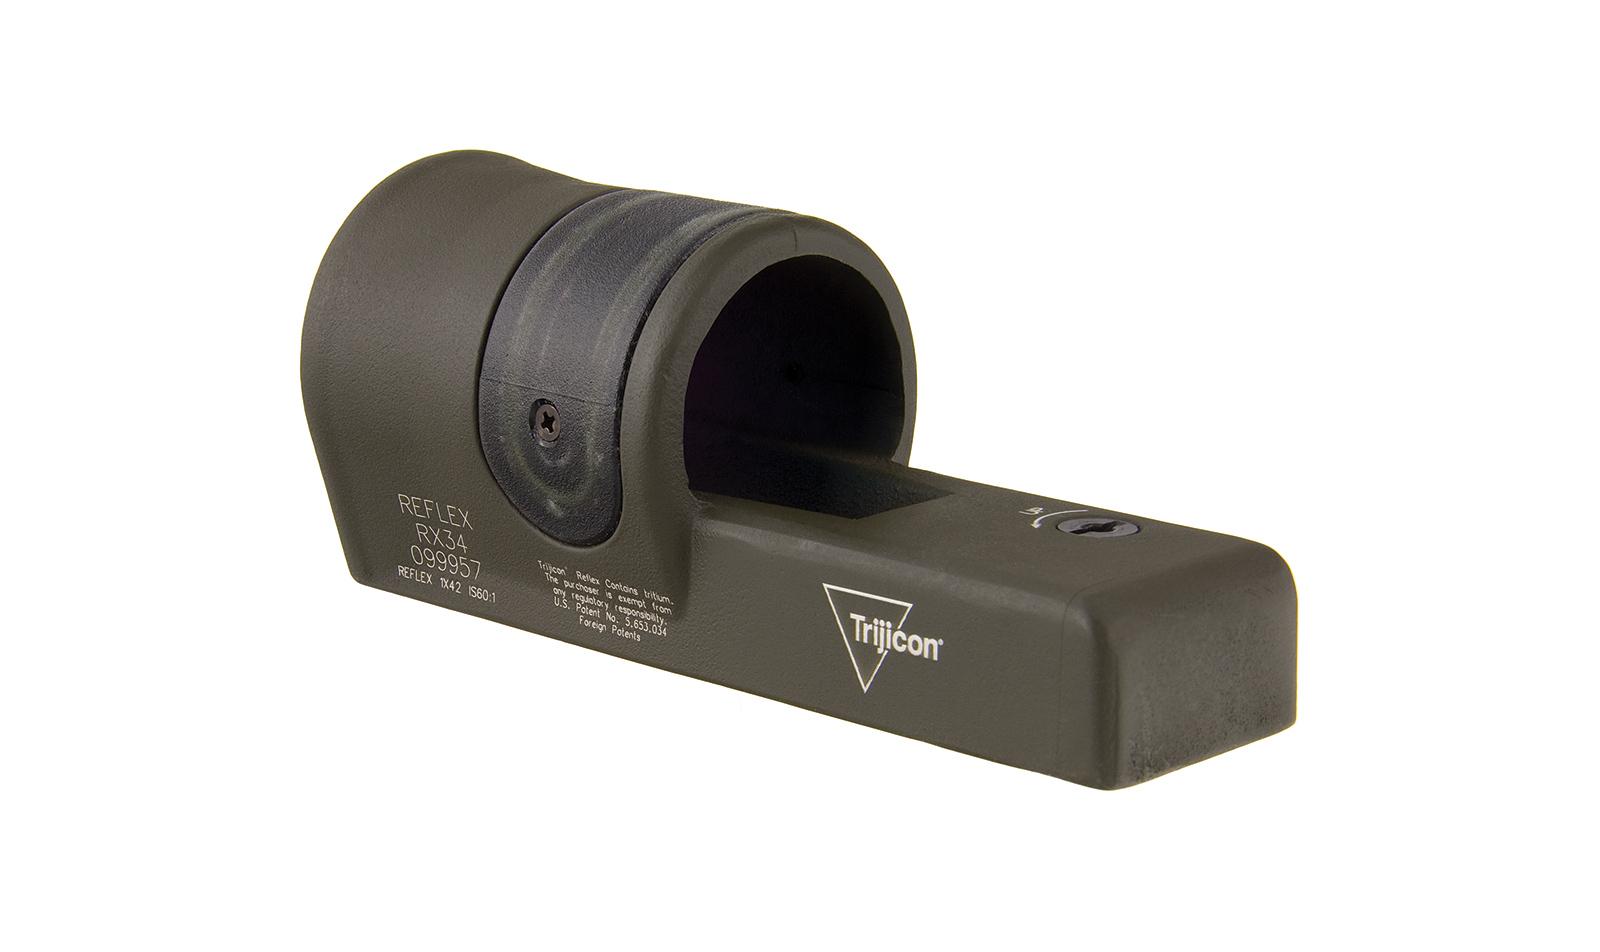 RX34-C-800093 angle 3